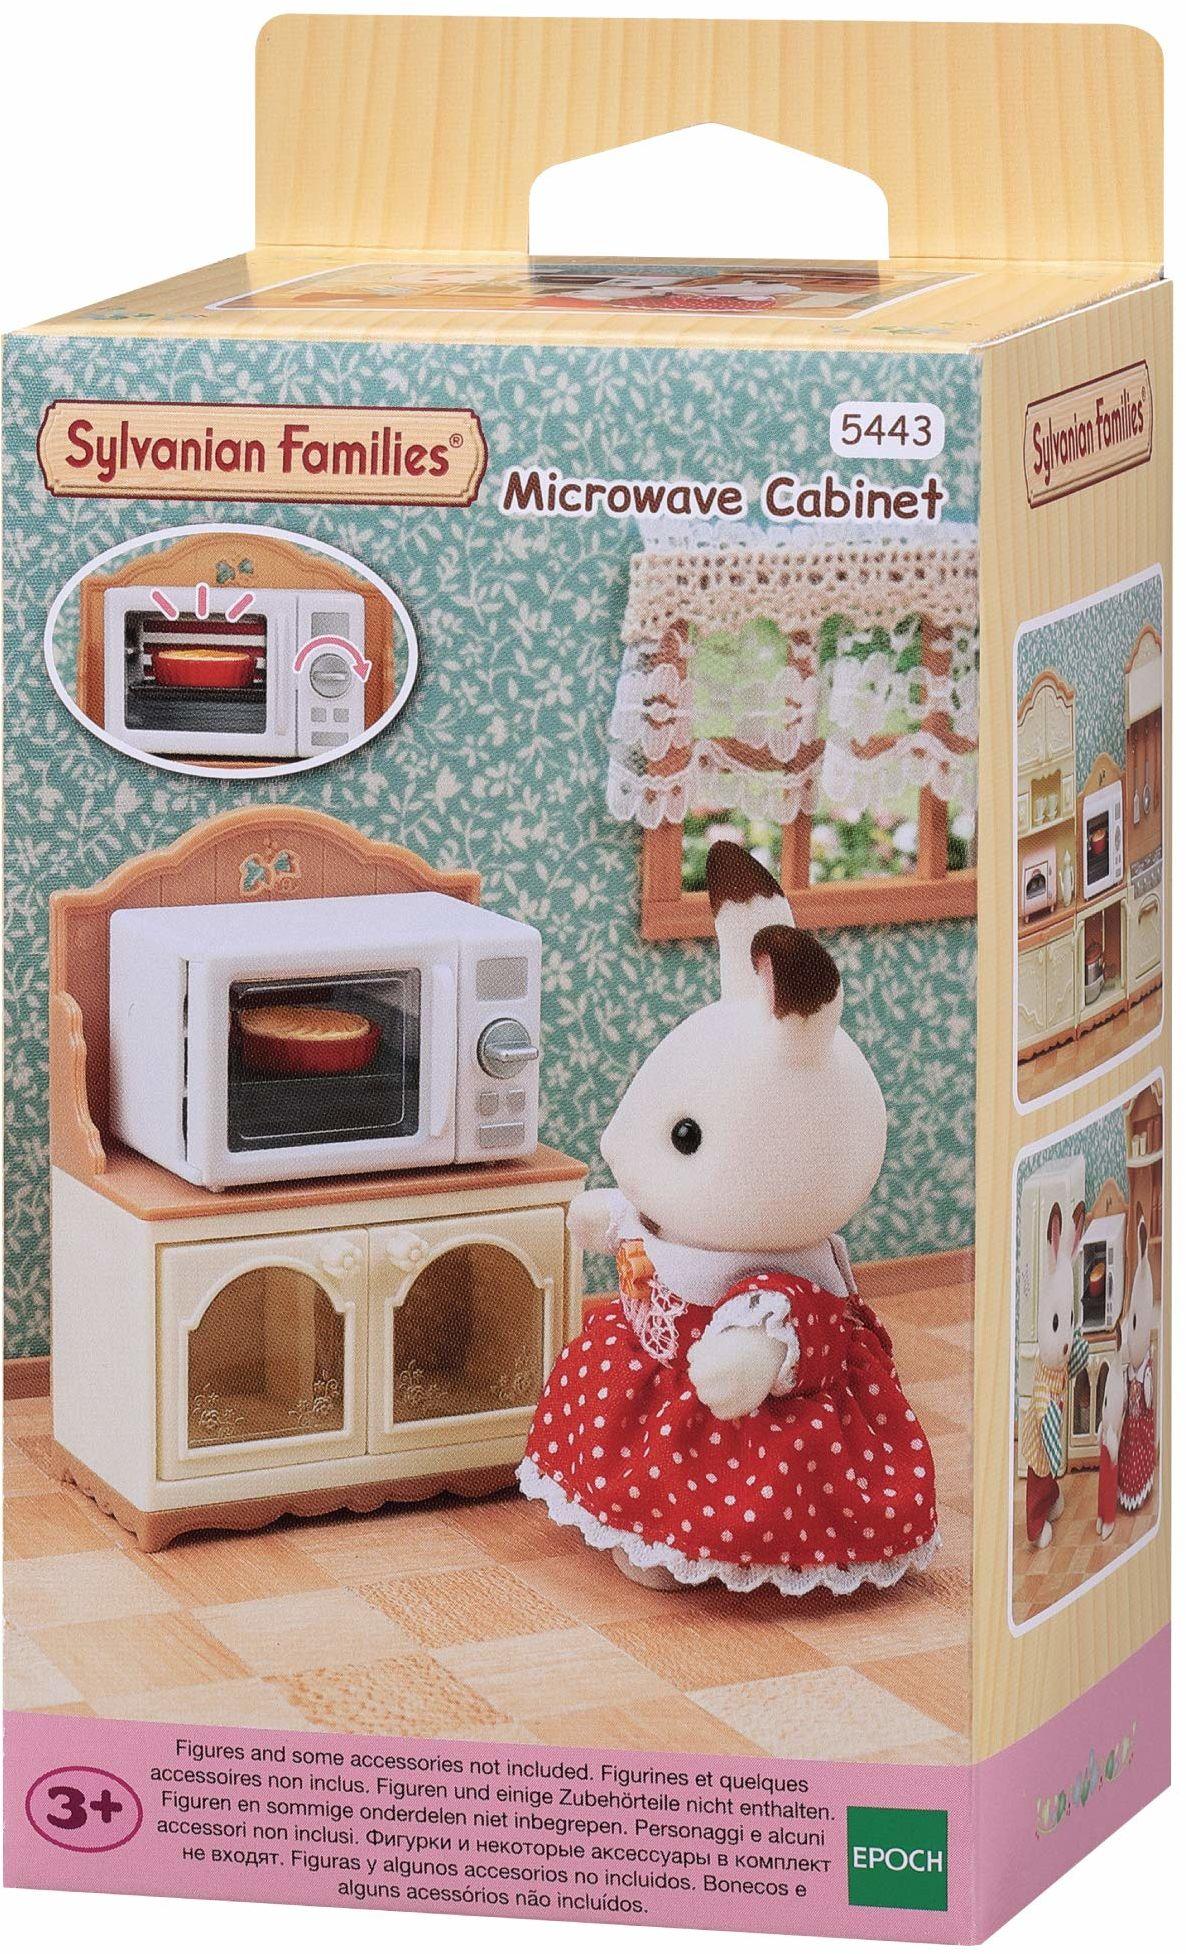 Sylvanian Families 5443 szafka do mikrofalówki akcesoria do domu dla lalek